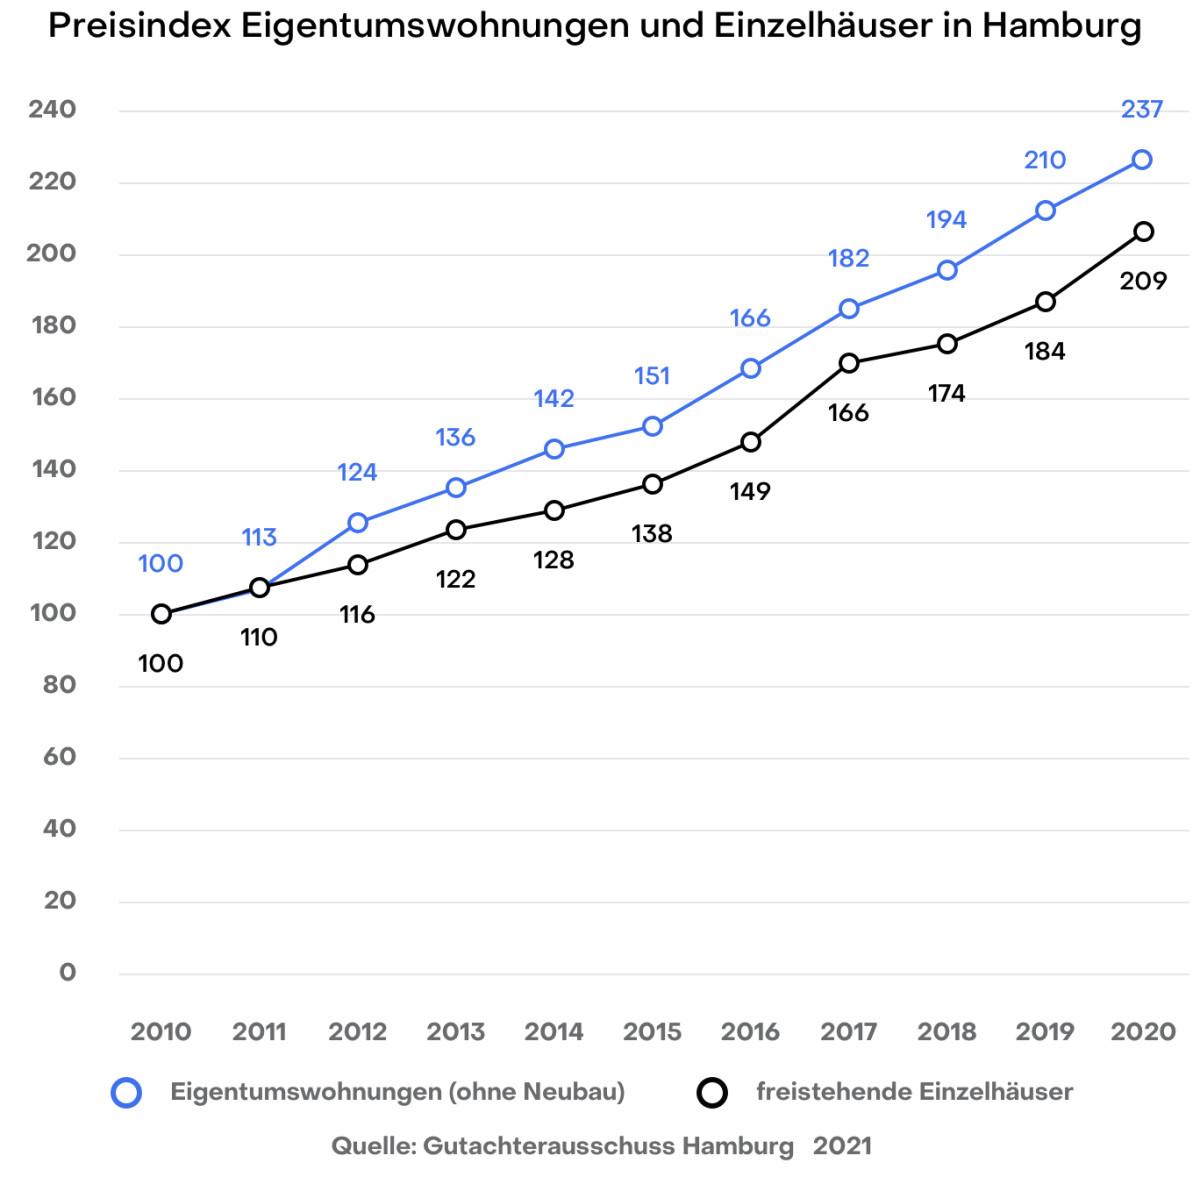 Hamburg Preisindex Wohnungen und Einfamilienhäuser Gutachterausschuss 2020